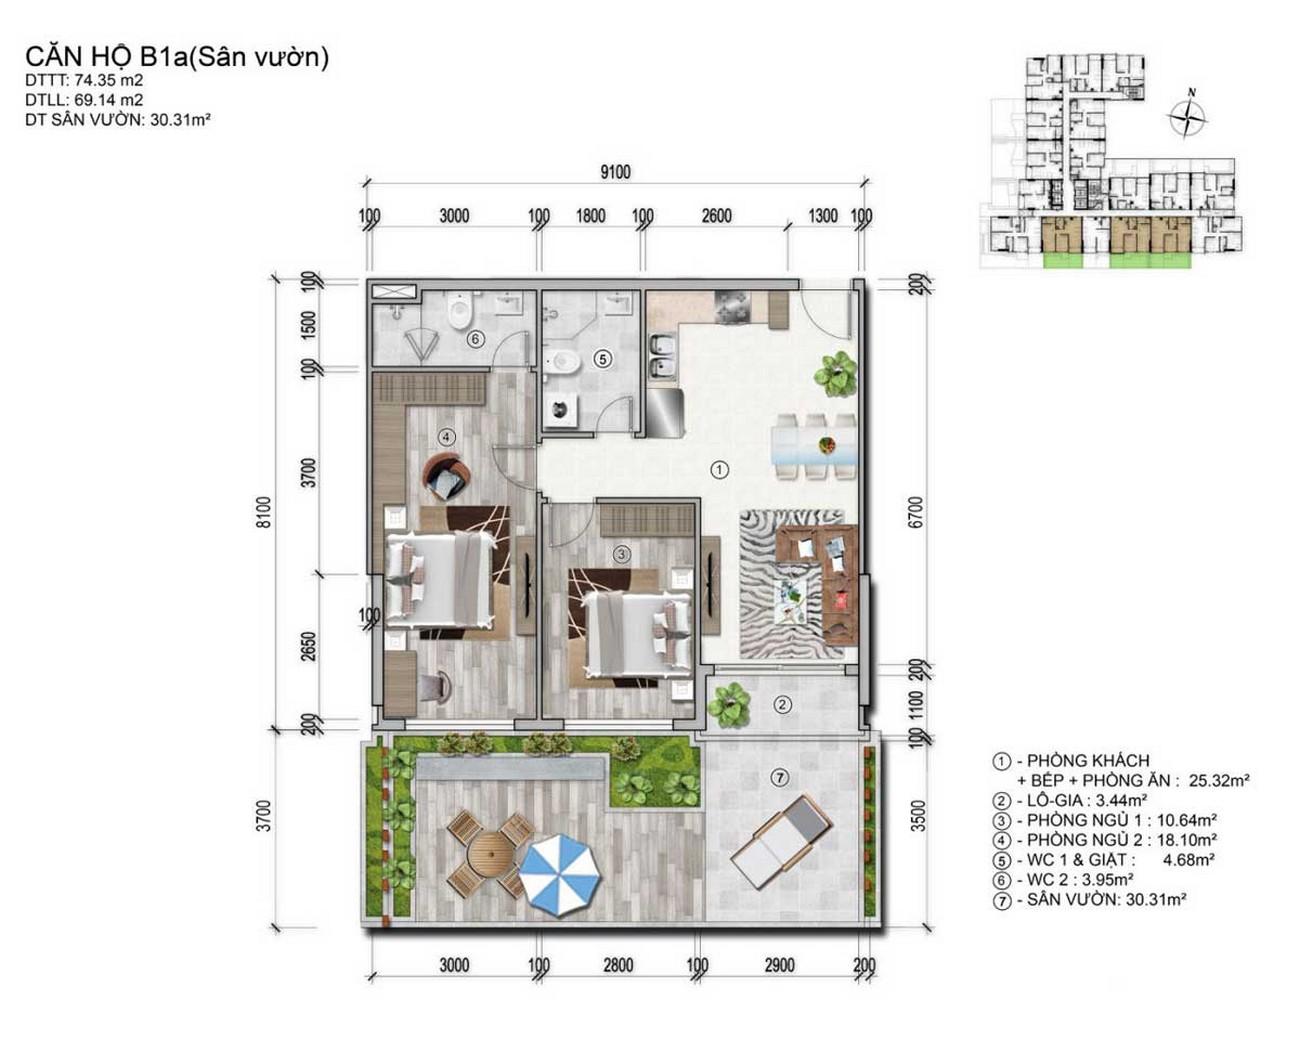 Thiết kế dự án căn hộ chung cư Venus Luxury Quận 5 Số 66 Đường Tân Thành chủ đầu tư Tân Thành